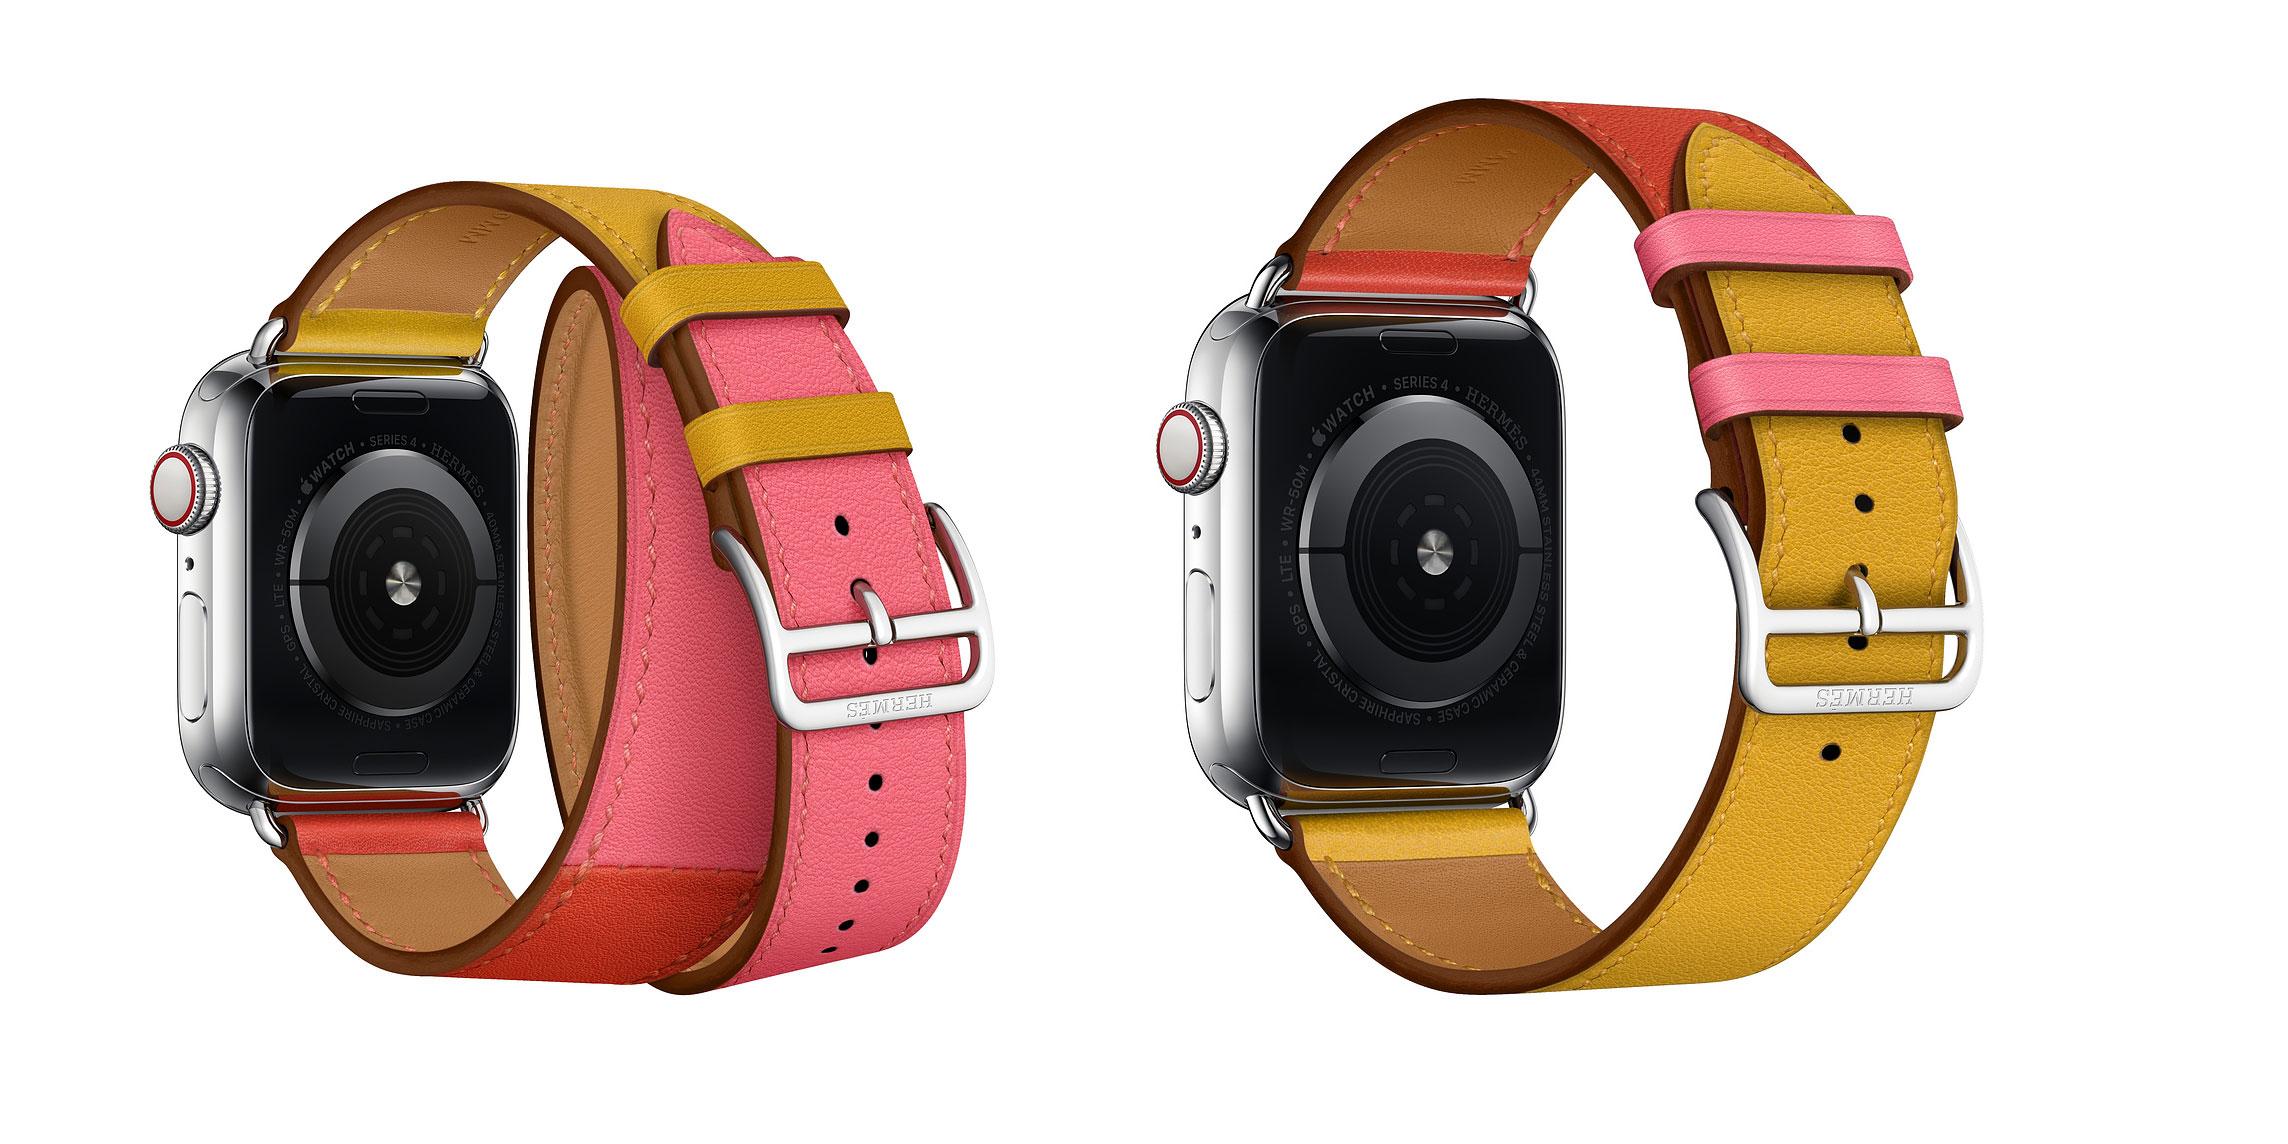 애플 뉴스룸 : Apple Watch Hermès 가죽 스트랩에 새로운 색상 추가 외 기사